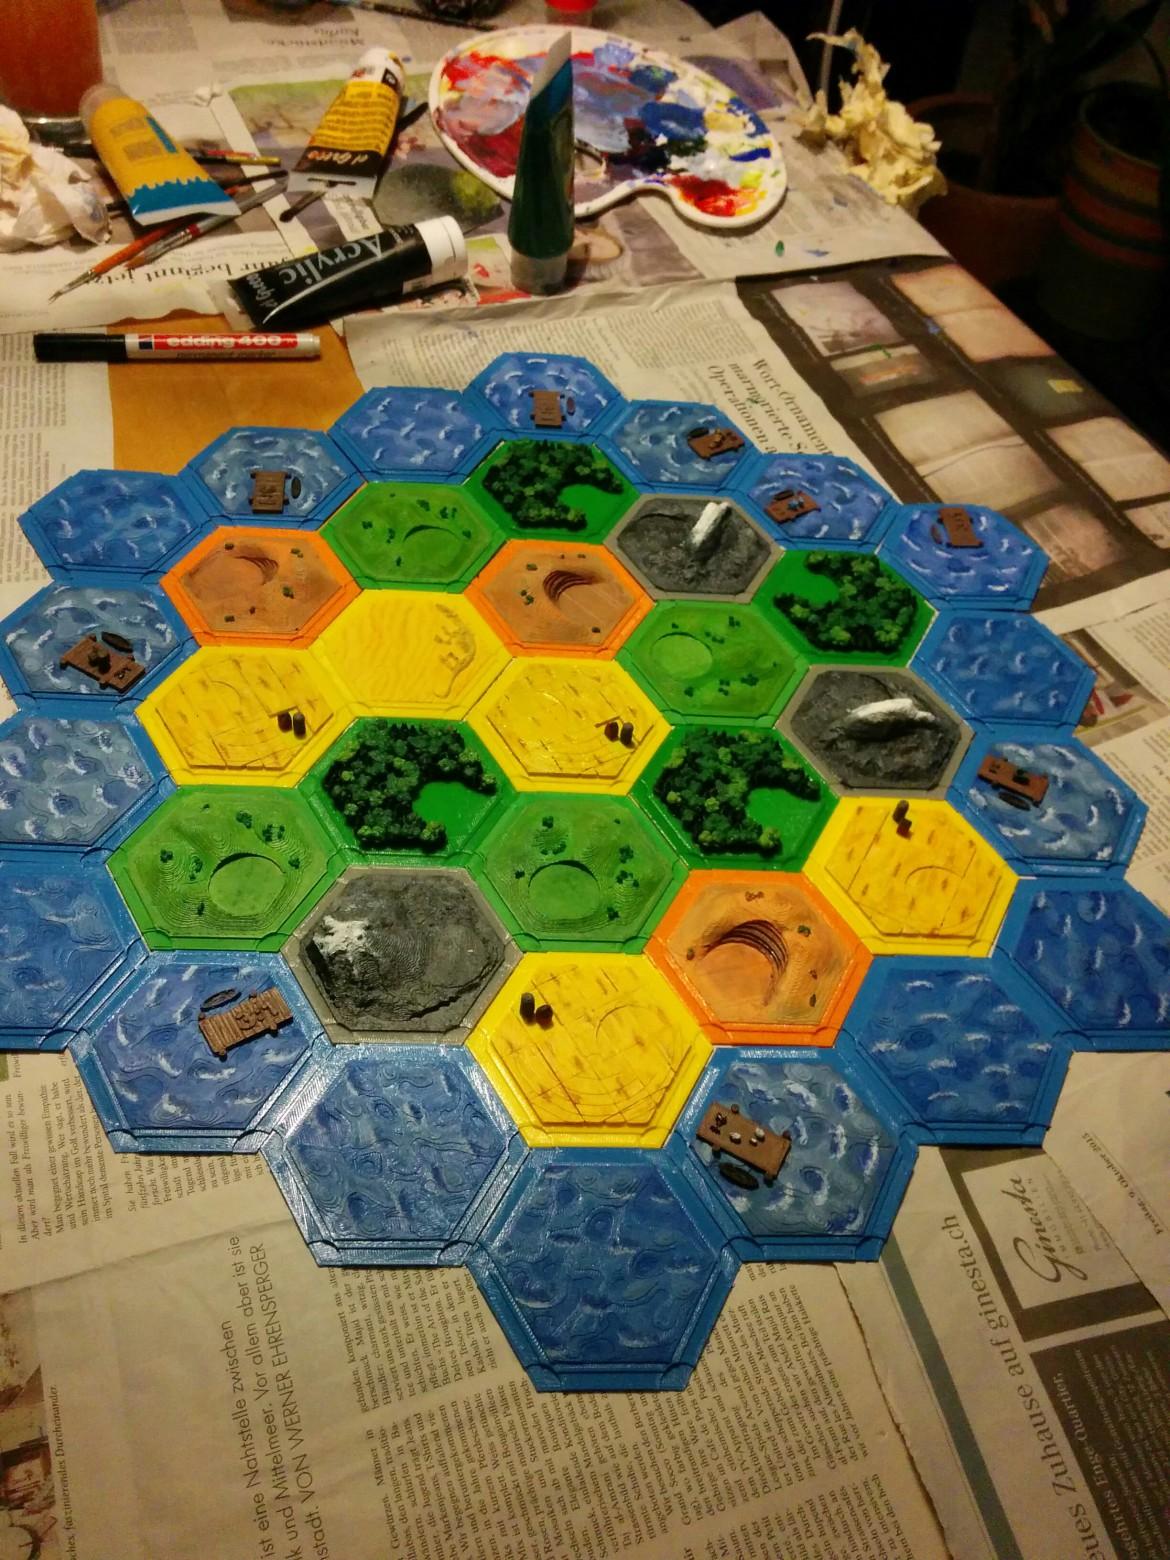 3D-gedruckte Spielfeld-Plättchen für das Spiel